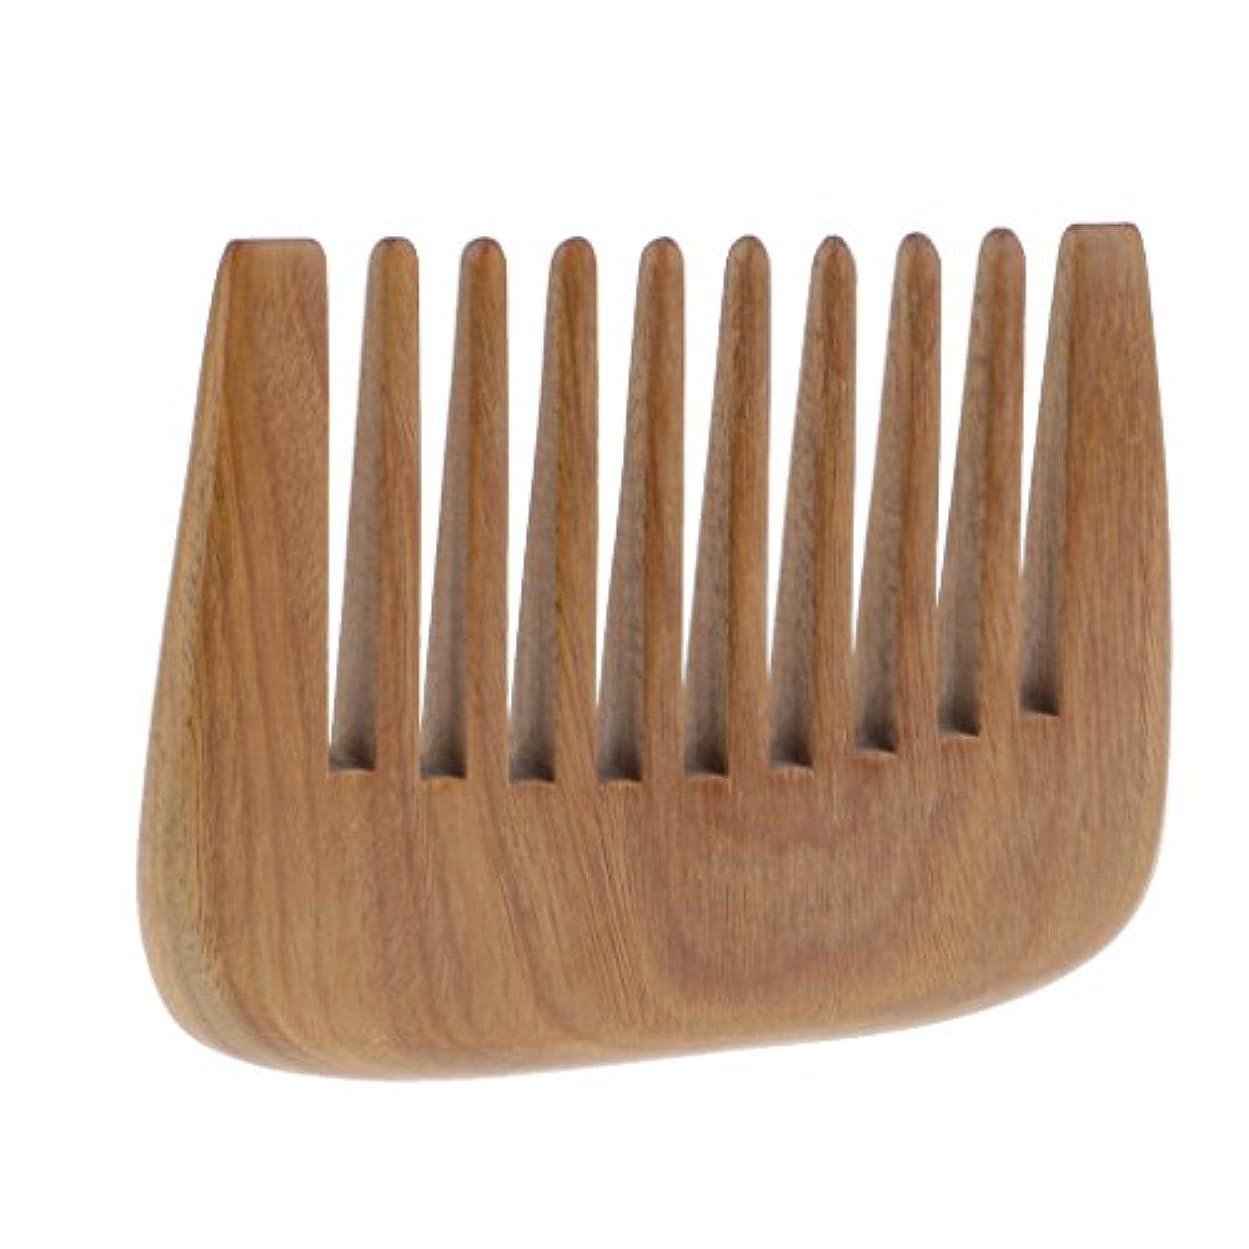 望む粘性の社会主義グリーンサンダルウッドのひげの櫛 - 広い歯ポケット櫛 - いいえ男性&女性のための静的ナチュラルアロマ木製グルーミングコーム